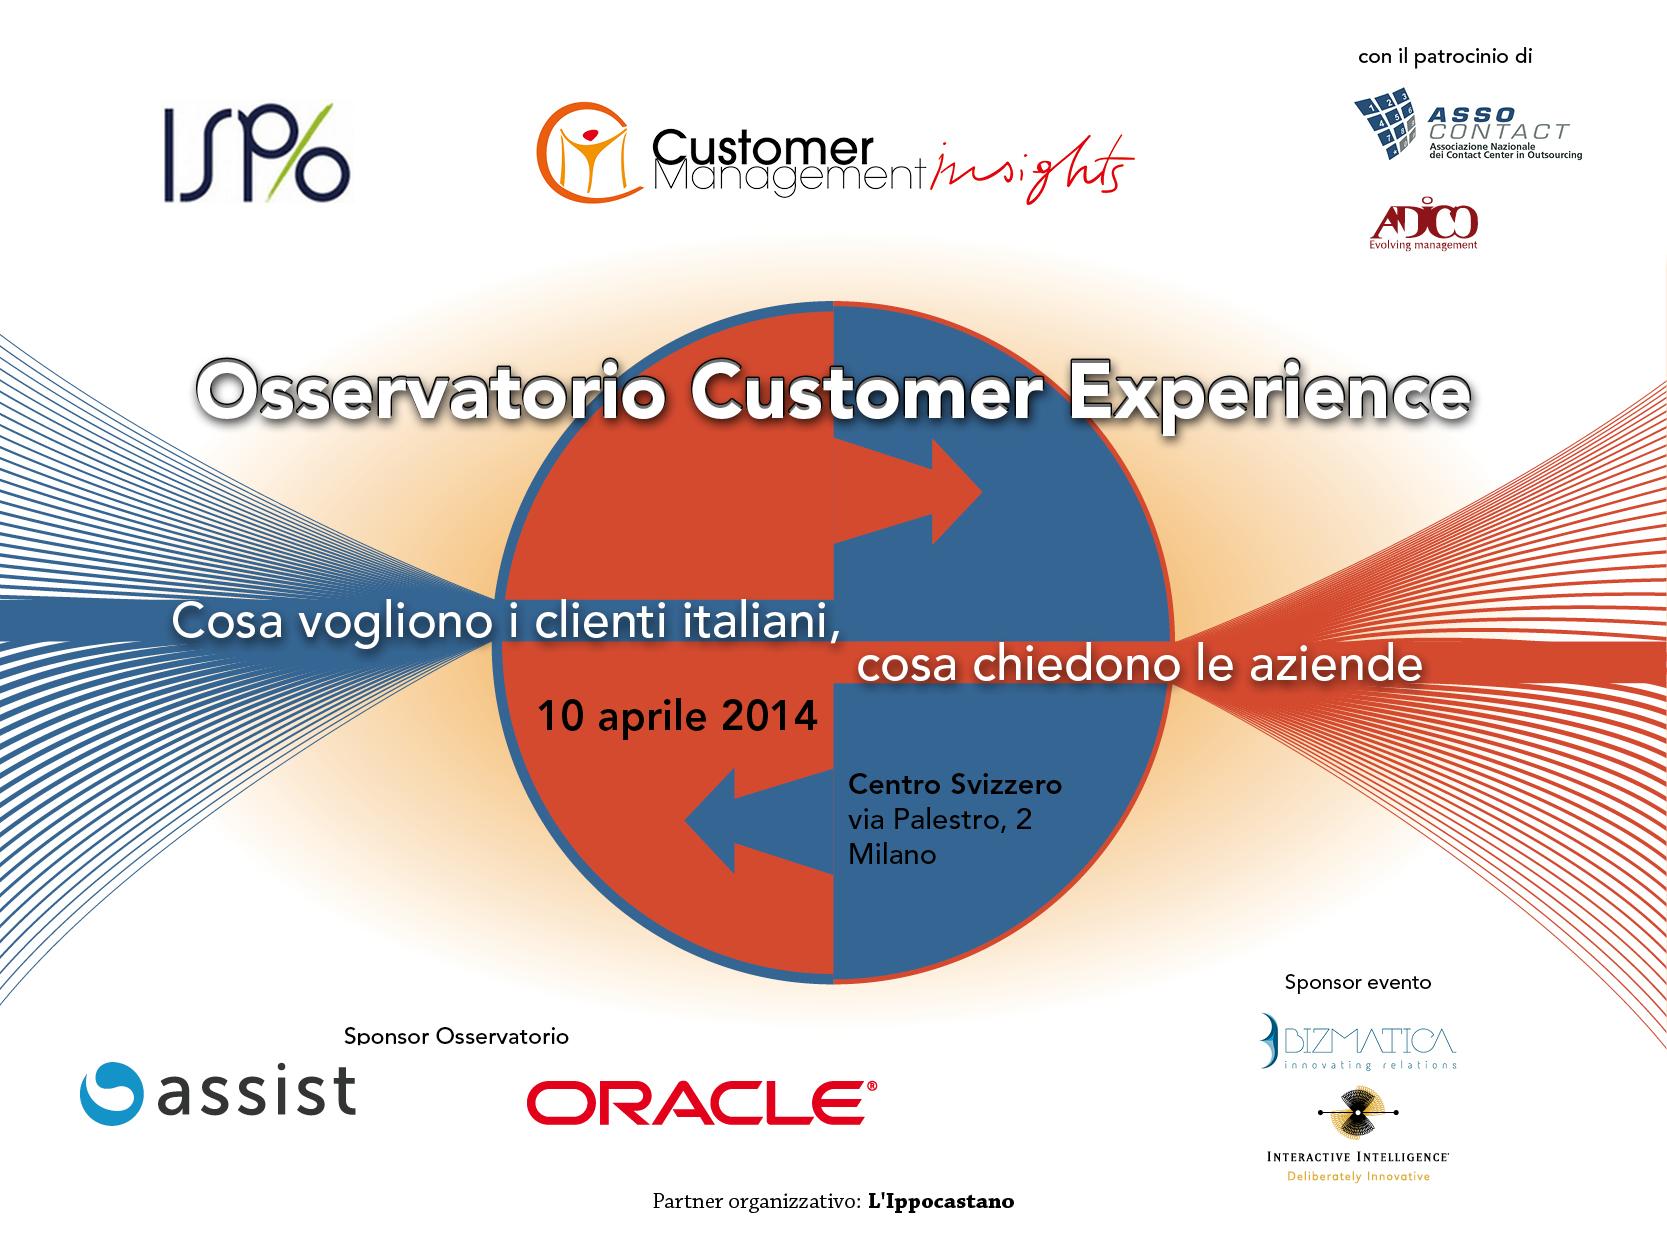 Customer Experience: cosa vogliono i clienti italiani, come rispondono le aziende